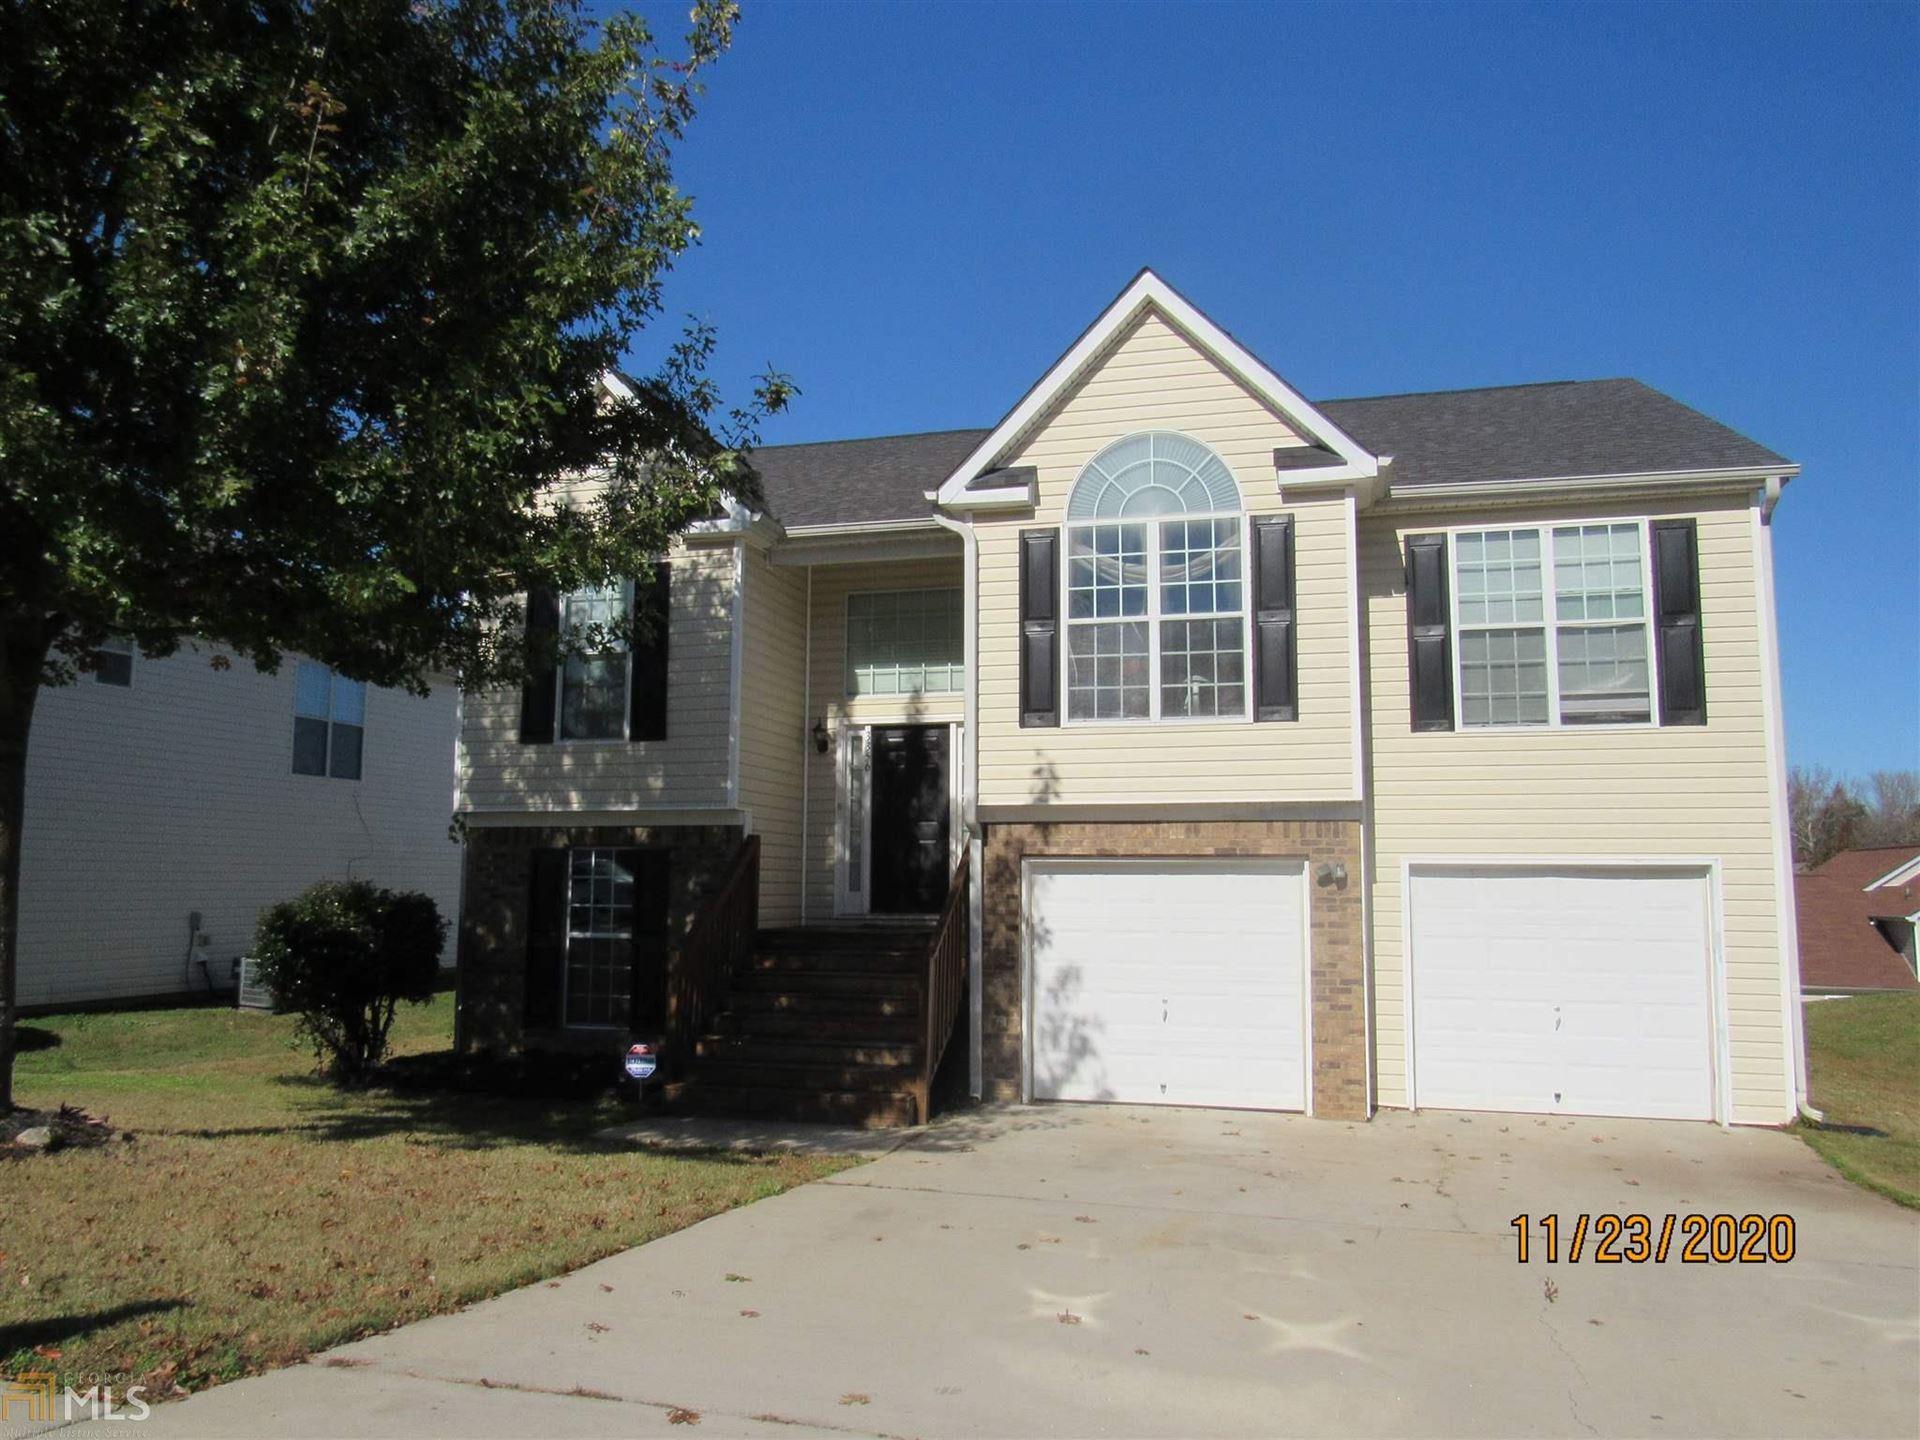 3356 Waggoner Way, Rex, GA 30273 - MLS#: 8893882